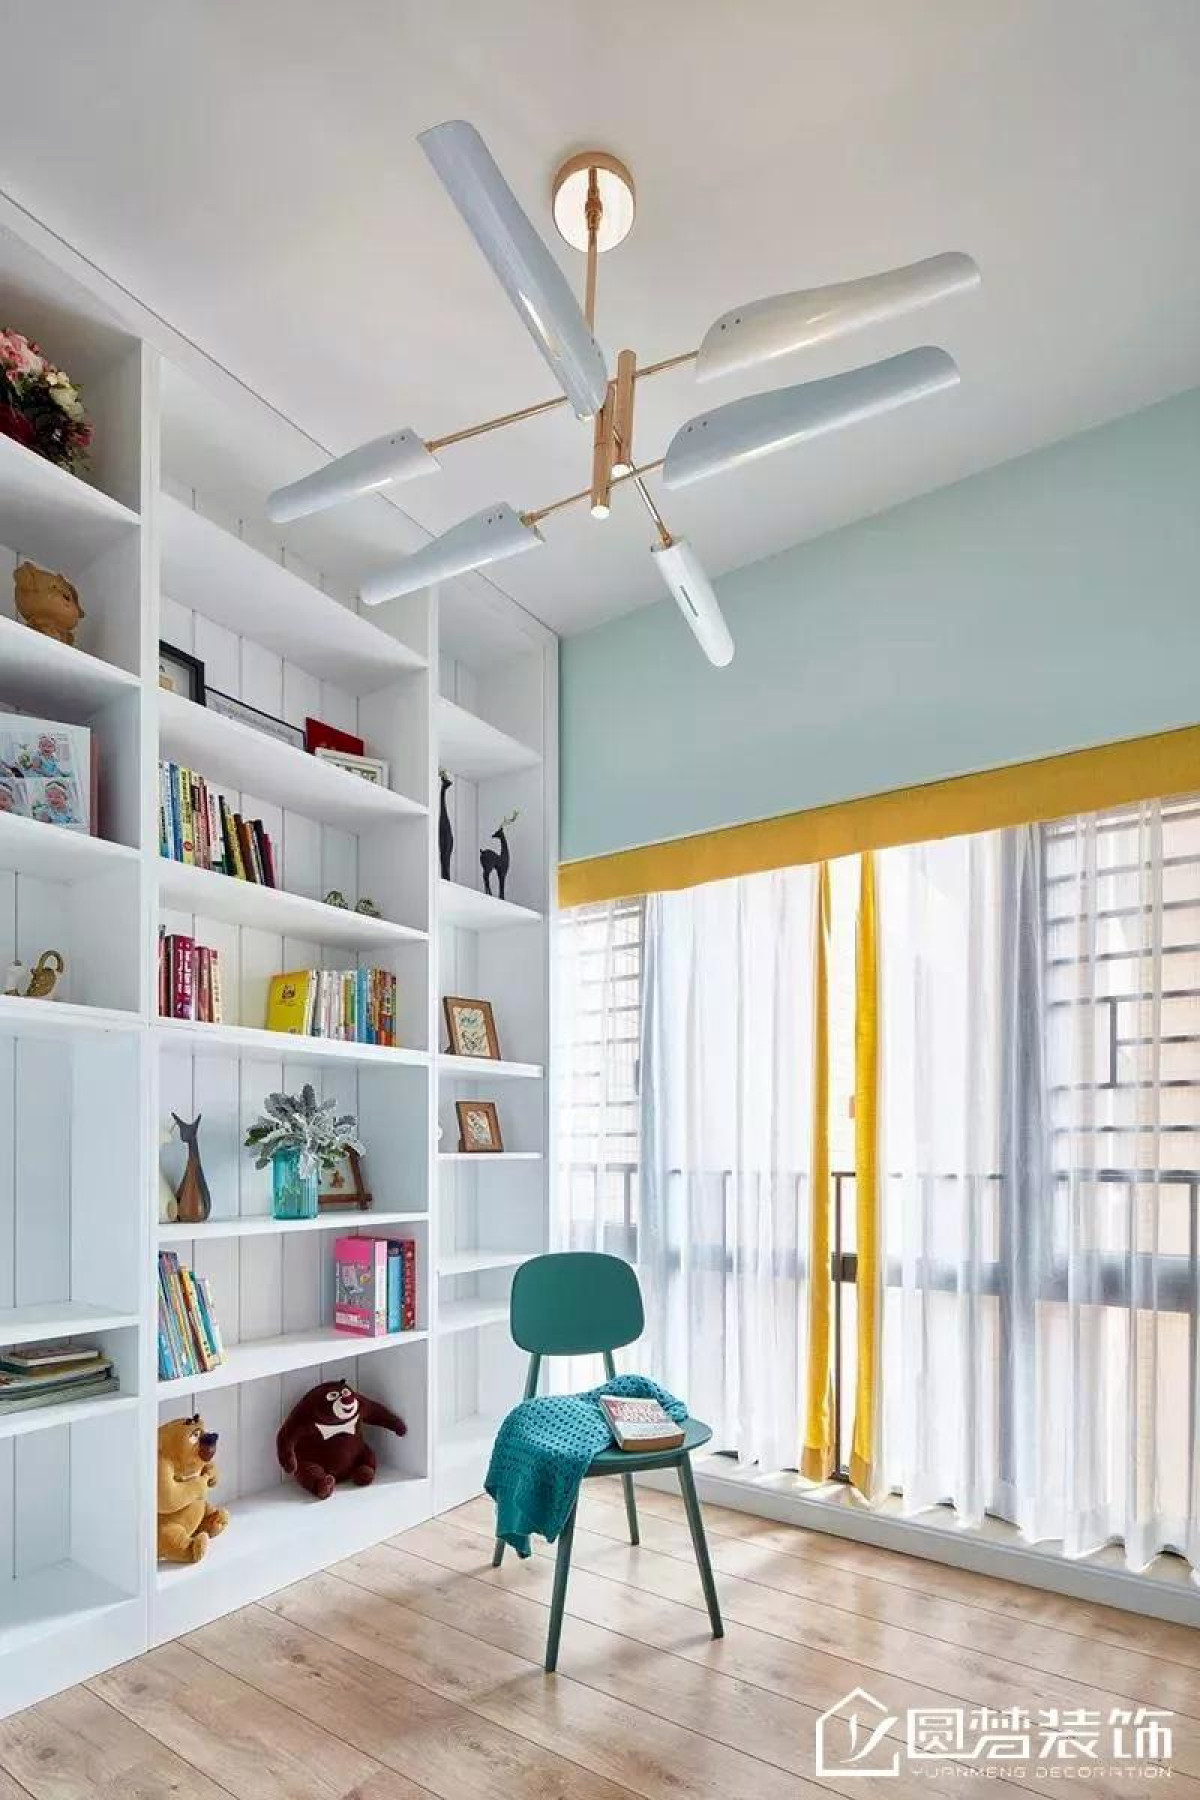 ▲ 书房舒适温润的原木地板,形态优雅的吊灯,如同图书馆般的开放式书柜,打造文艺清浅一隅